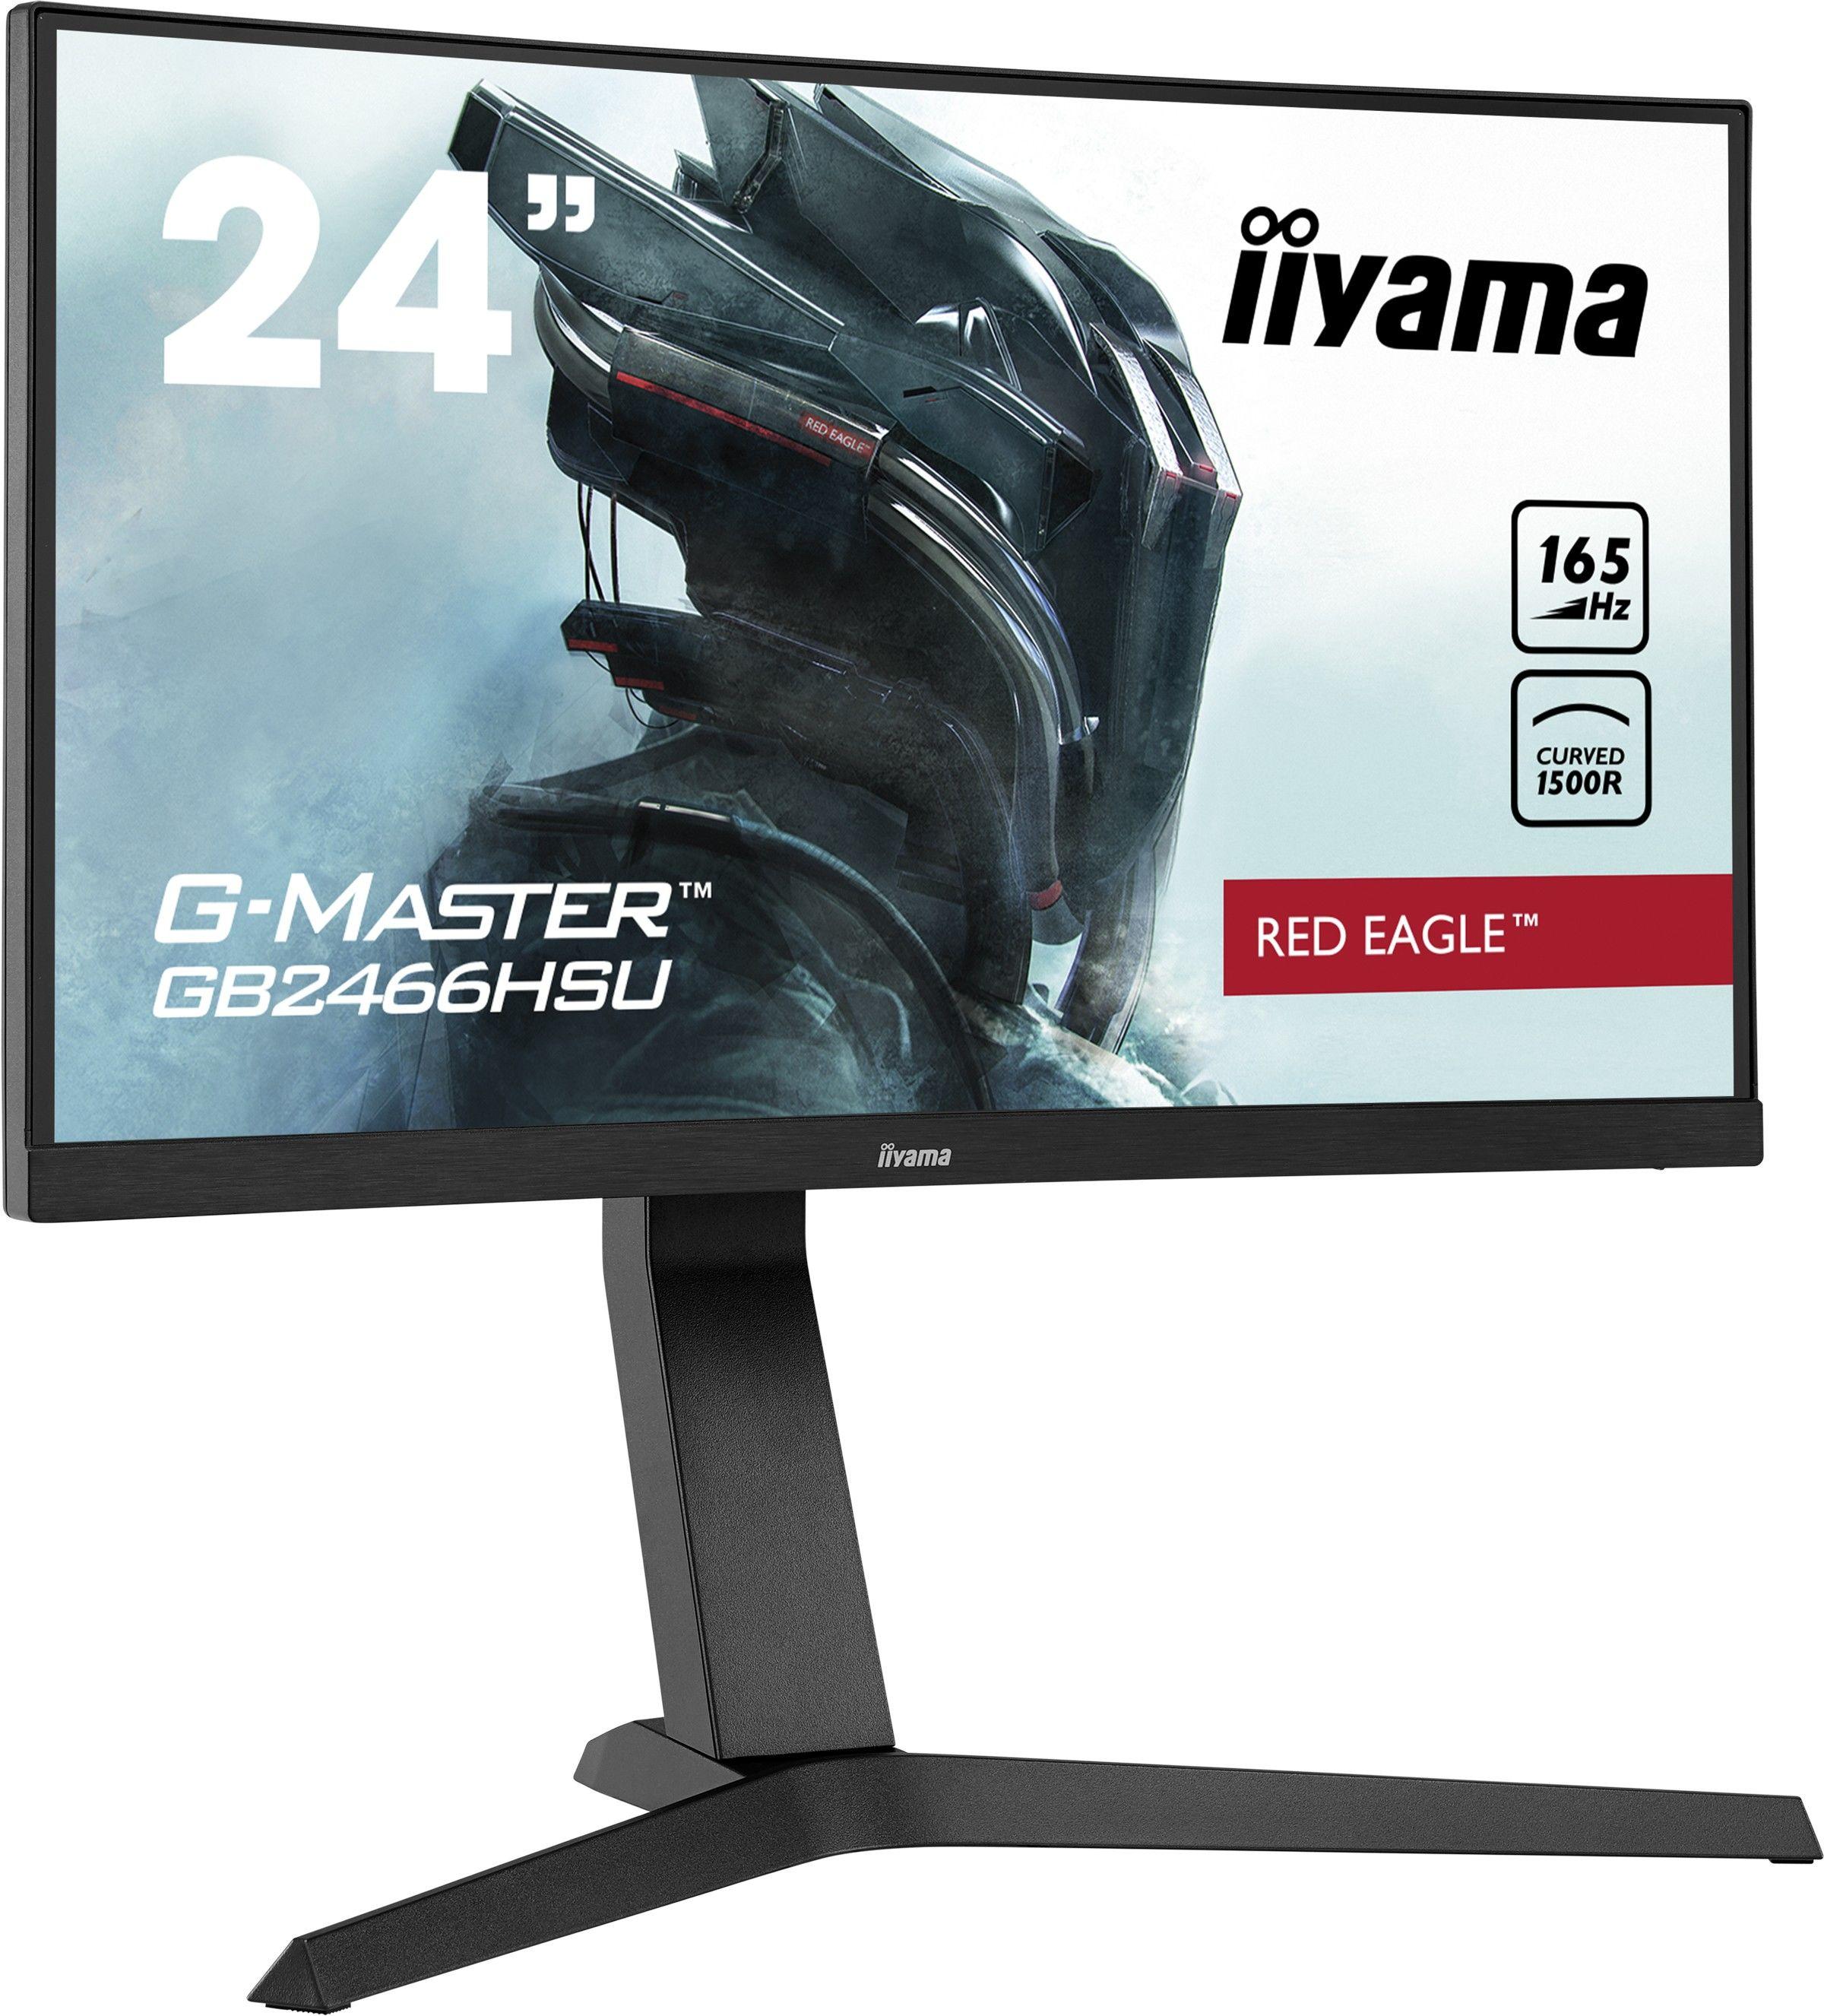 """Monitor iiyama G-Master GB2466HSU-B1 24"""", 1ms, 165Hz, VA, Zakrzywiony ekran, FlickerFree, HAS + WYSYŁKA W 24H GRATIS !! AUTORYZOWANY SKLEP IIYAMA"""